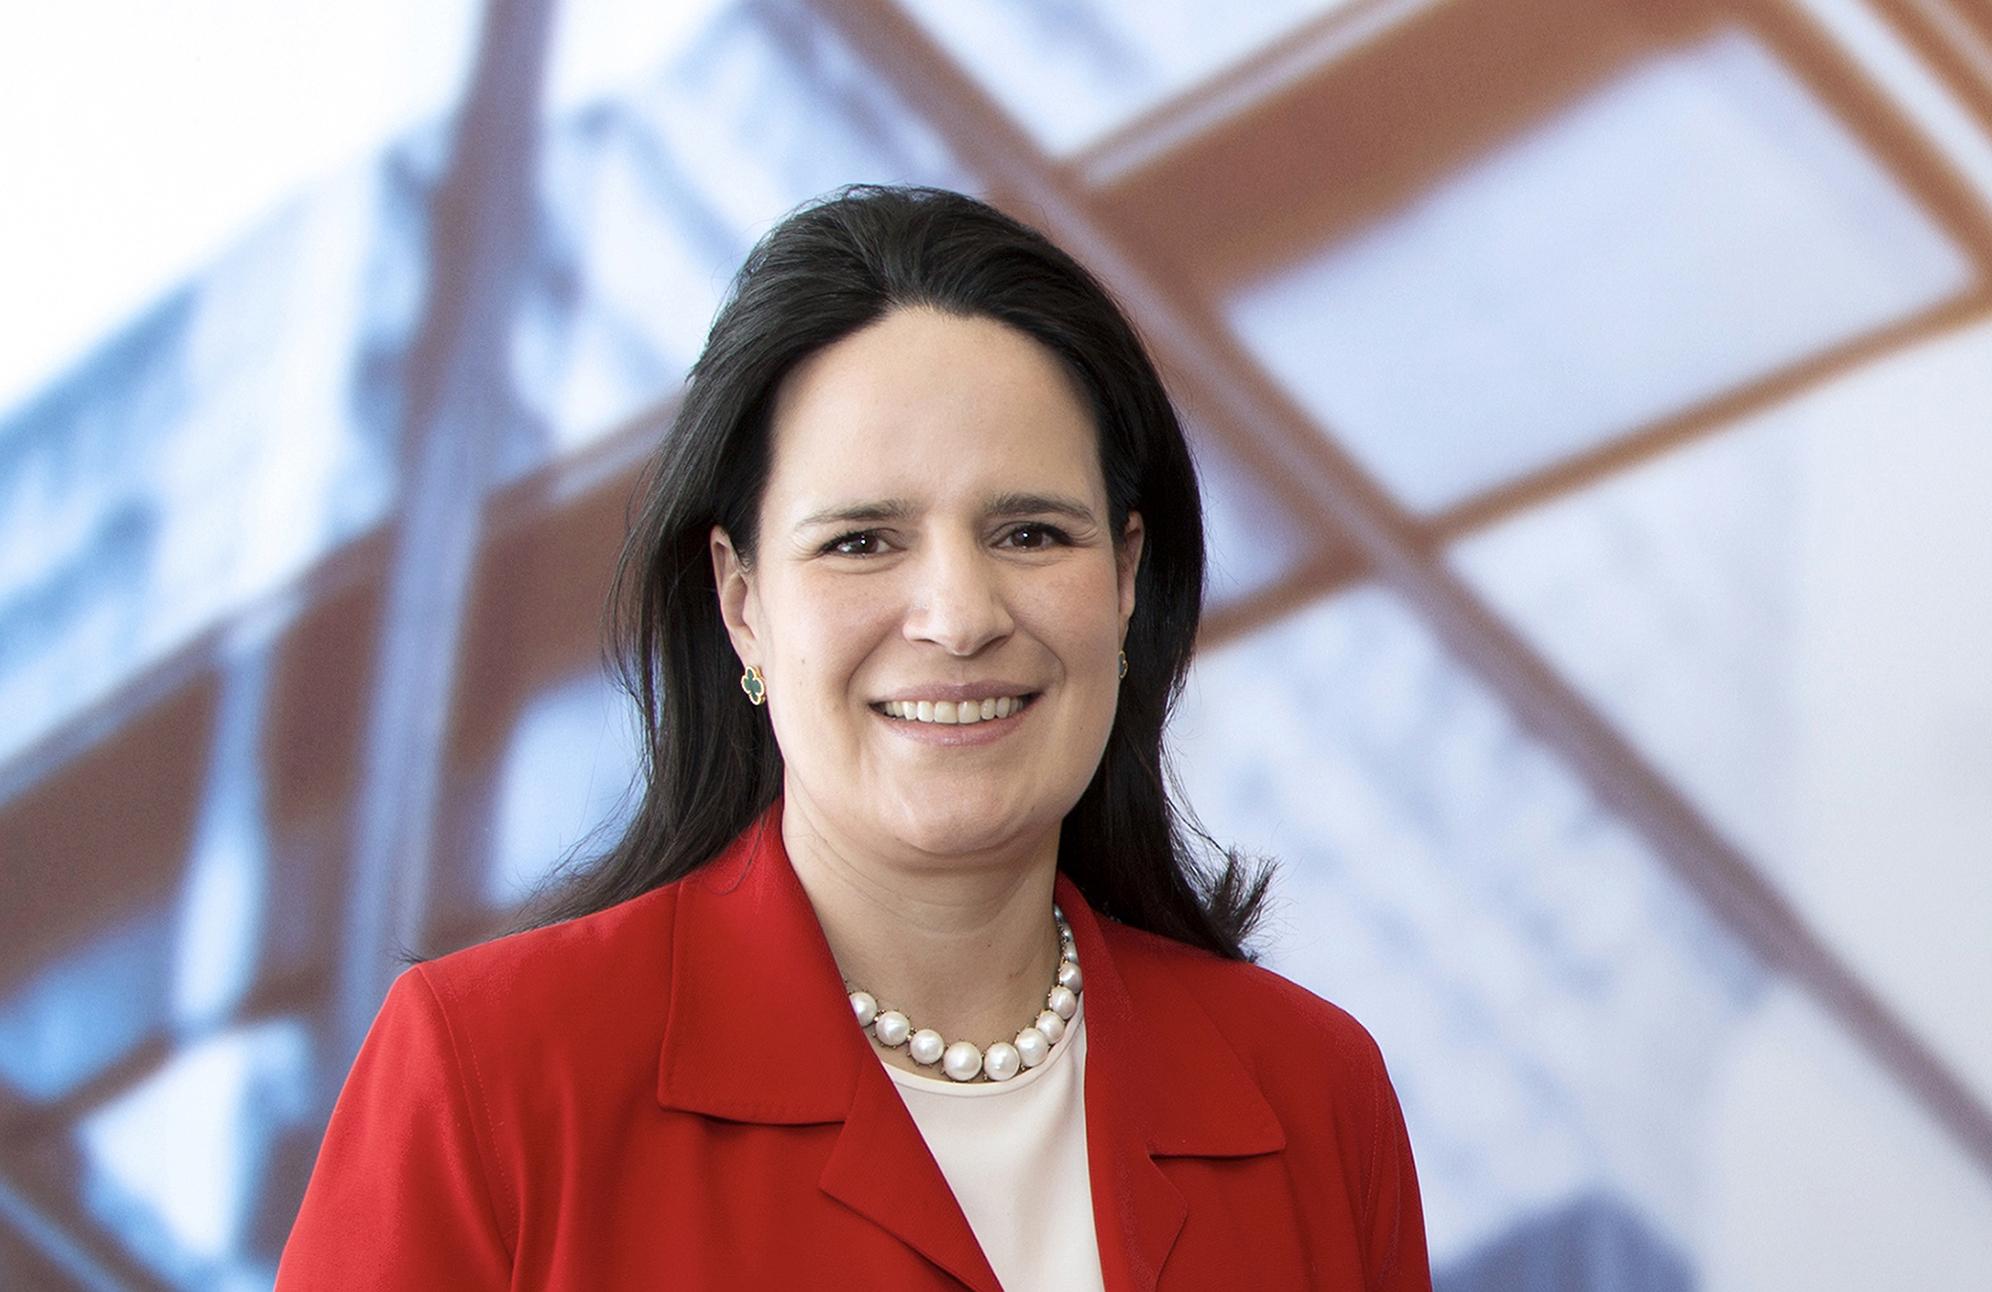 Carolina González